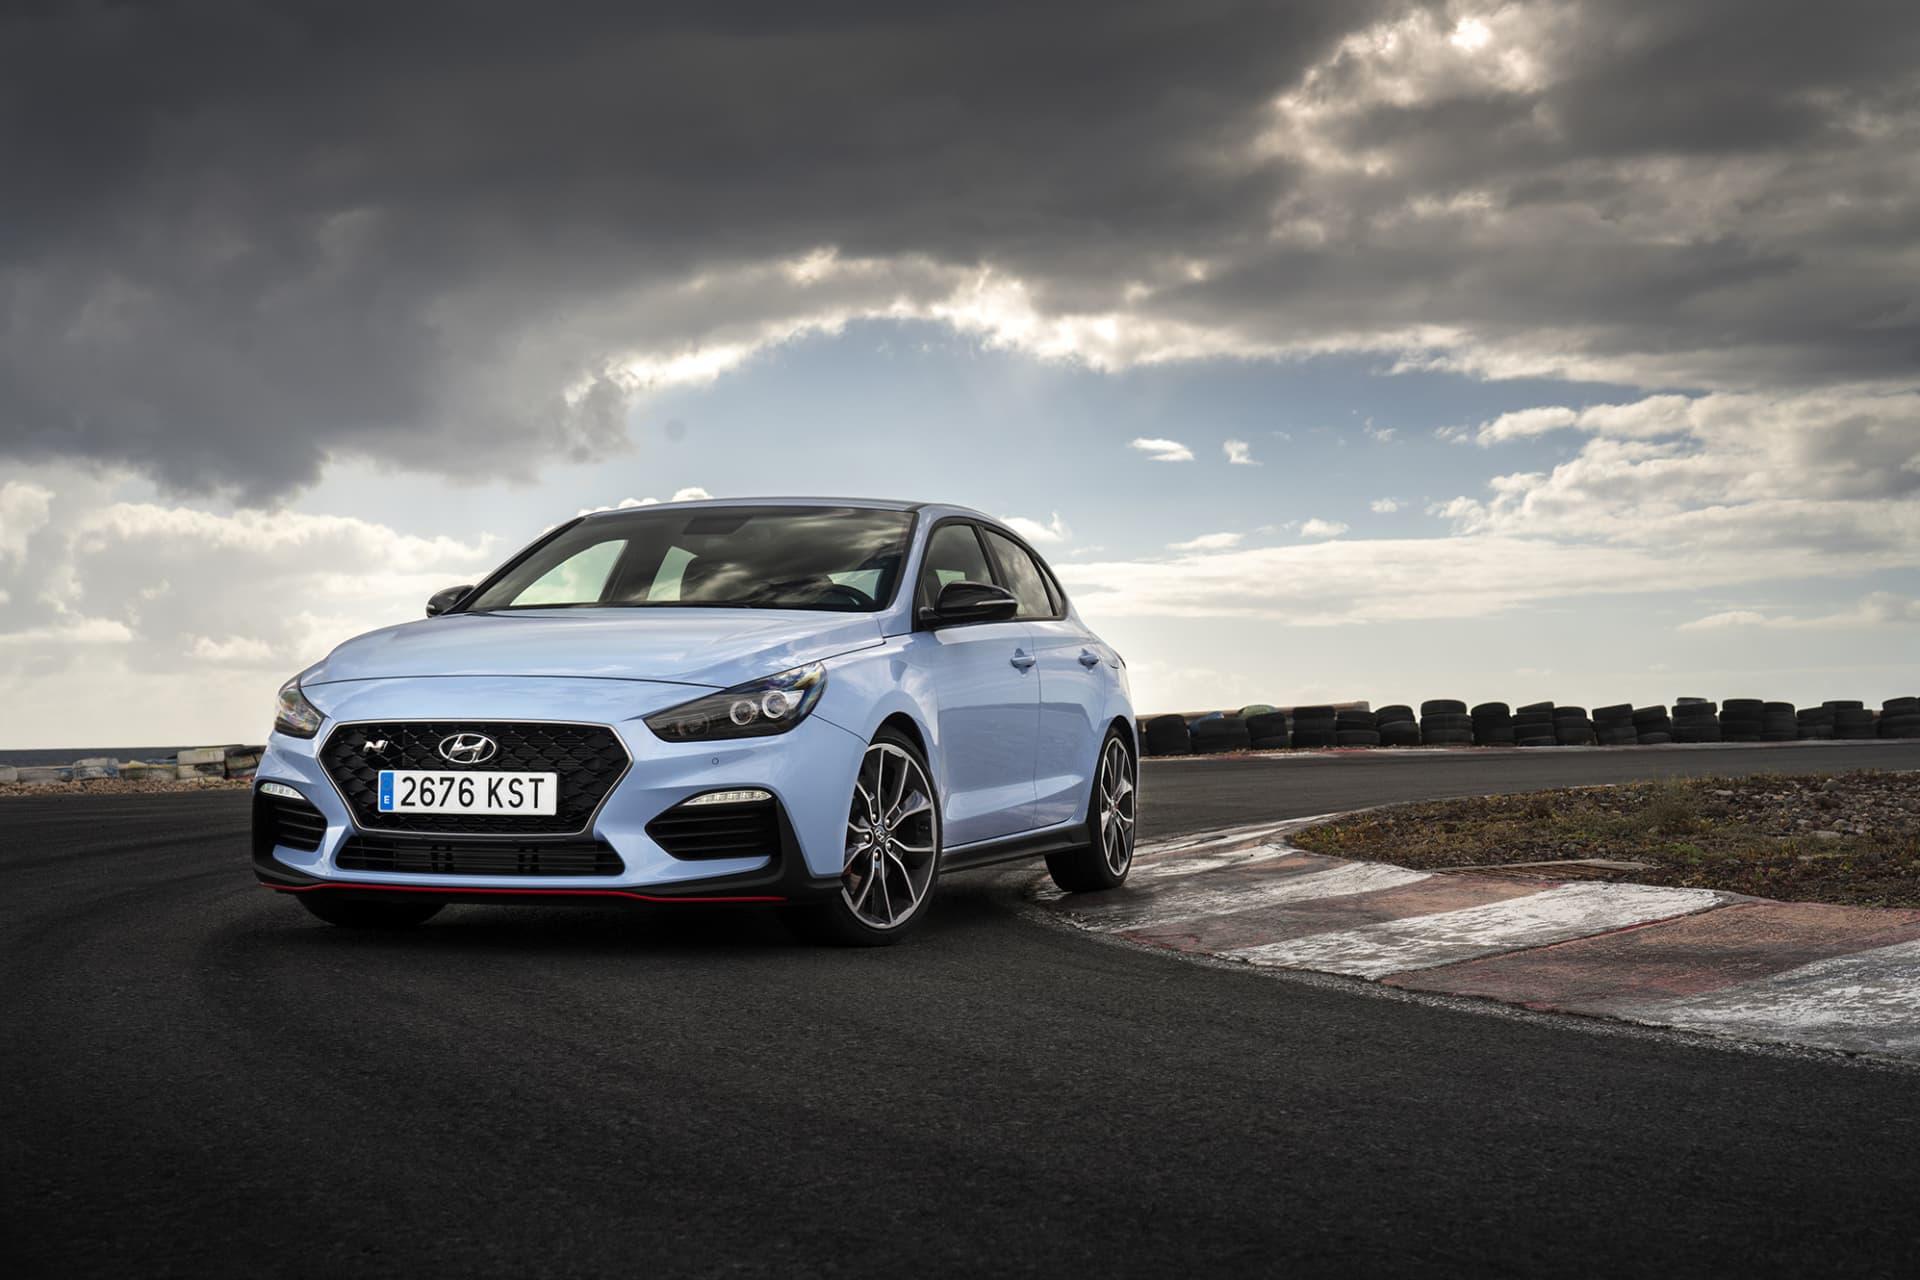 Med i30 Fastback N ger sig Hyundai in i en fight som inte är helt lätt att vinna. Andra konkurrenter är Volkswagen GTi samt Renault Megan RS.